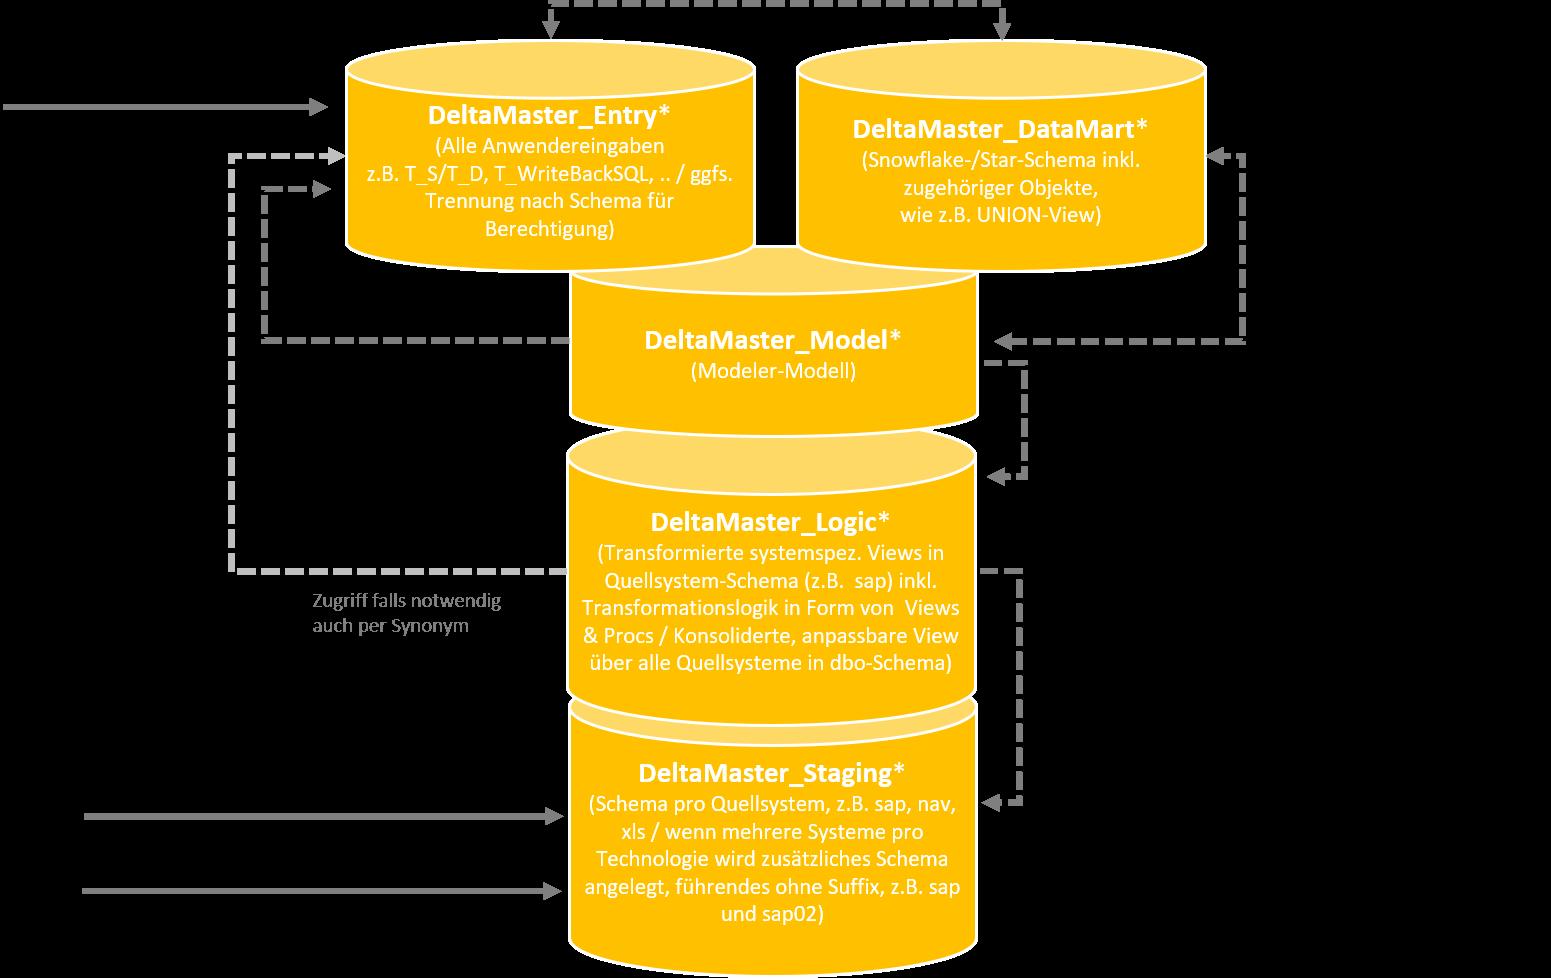 2020_08_28_crew_Vom Monolithen zur Enterprise Architecture - Ein Leitfaden_Aufbau DeltaMaster Enterprise Architecture